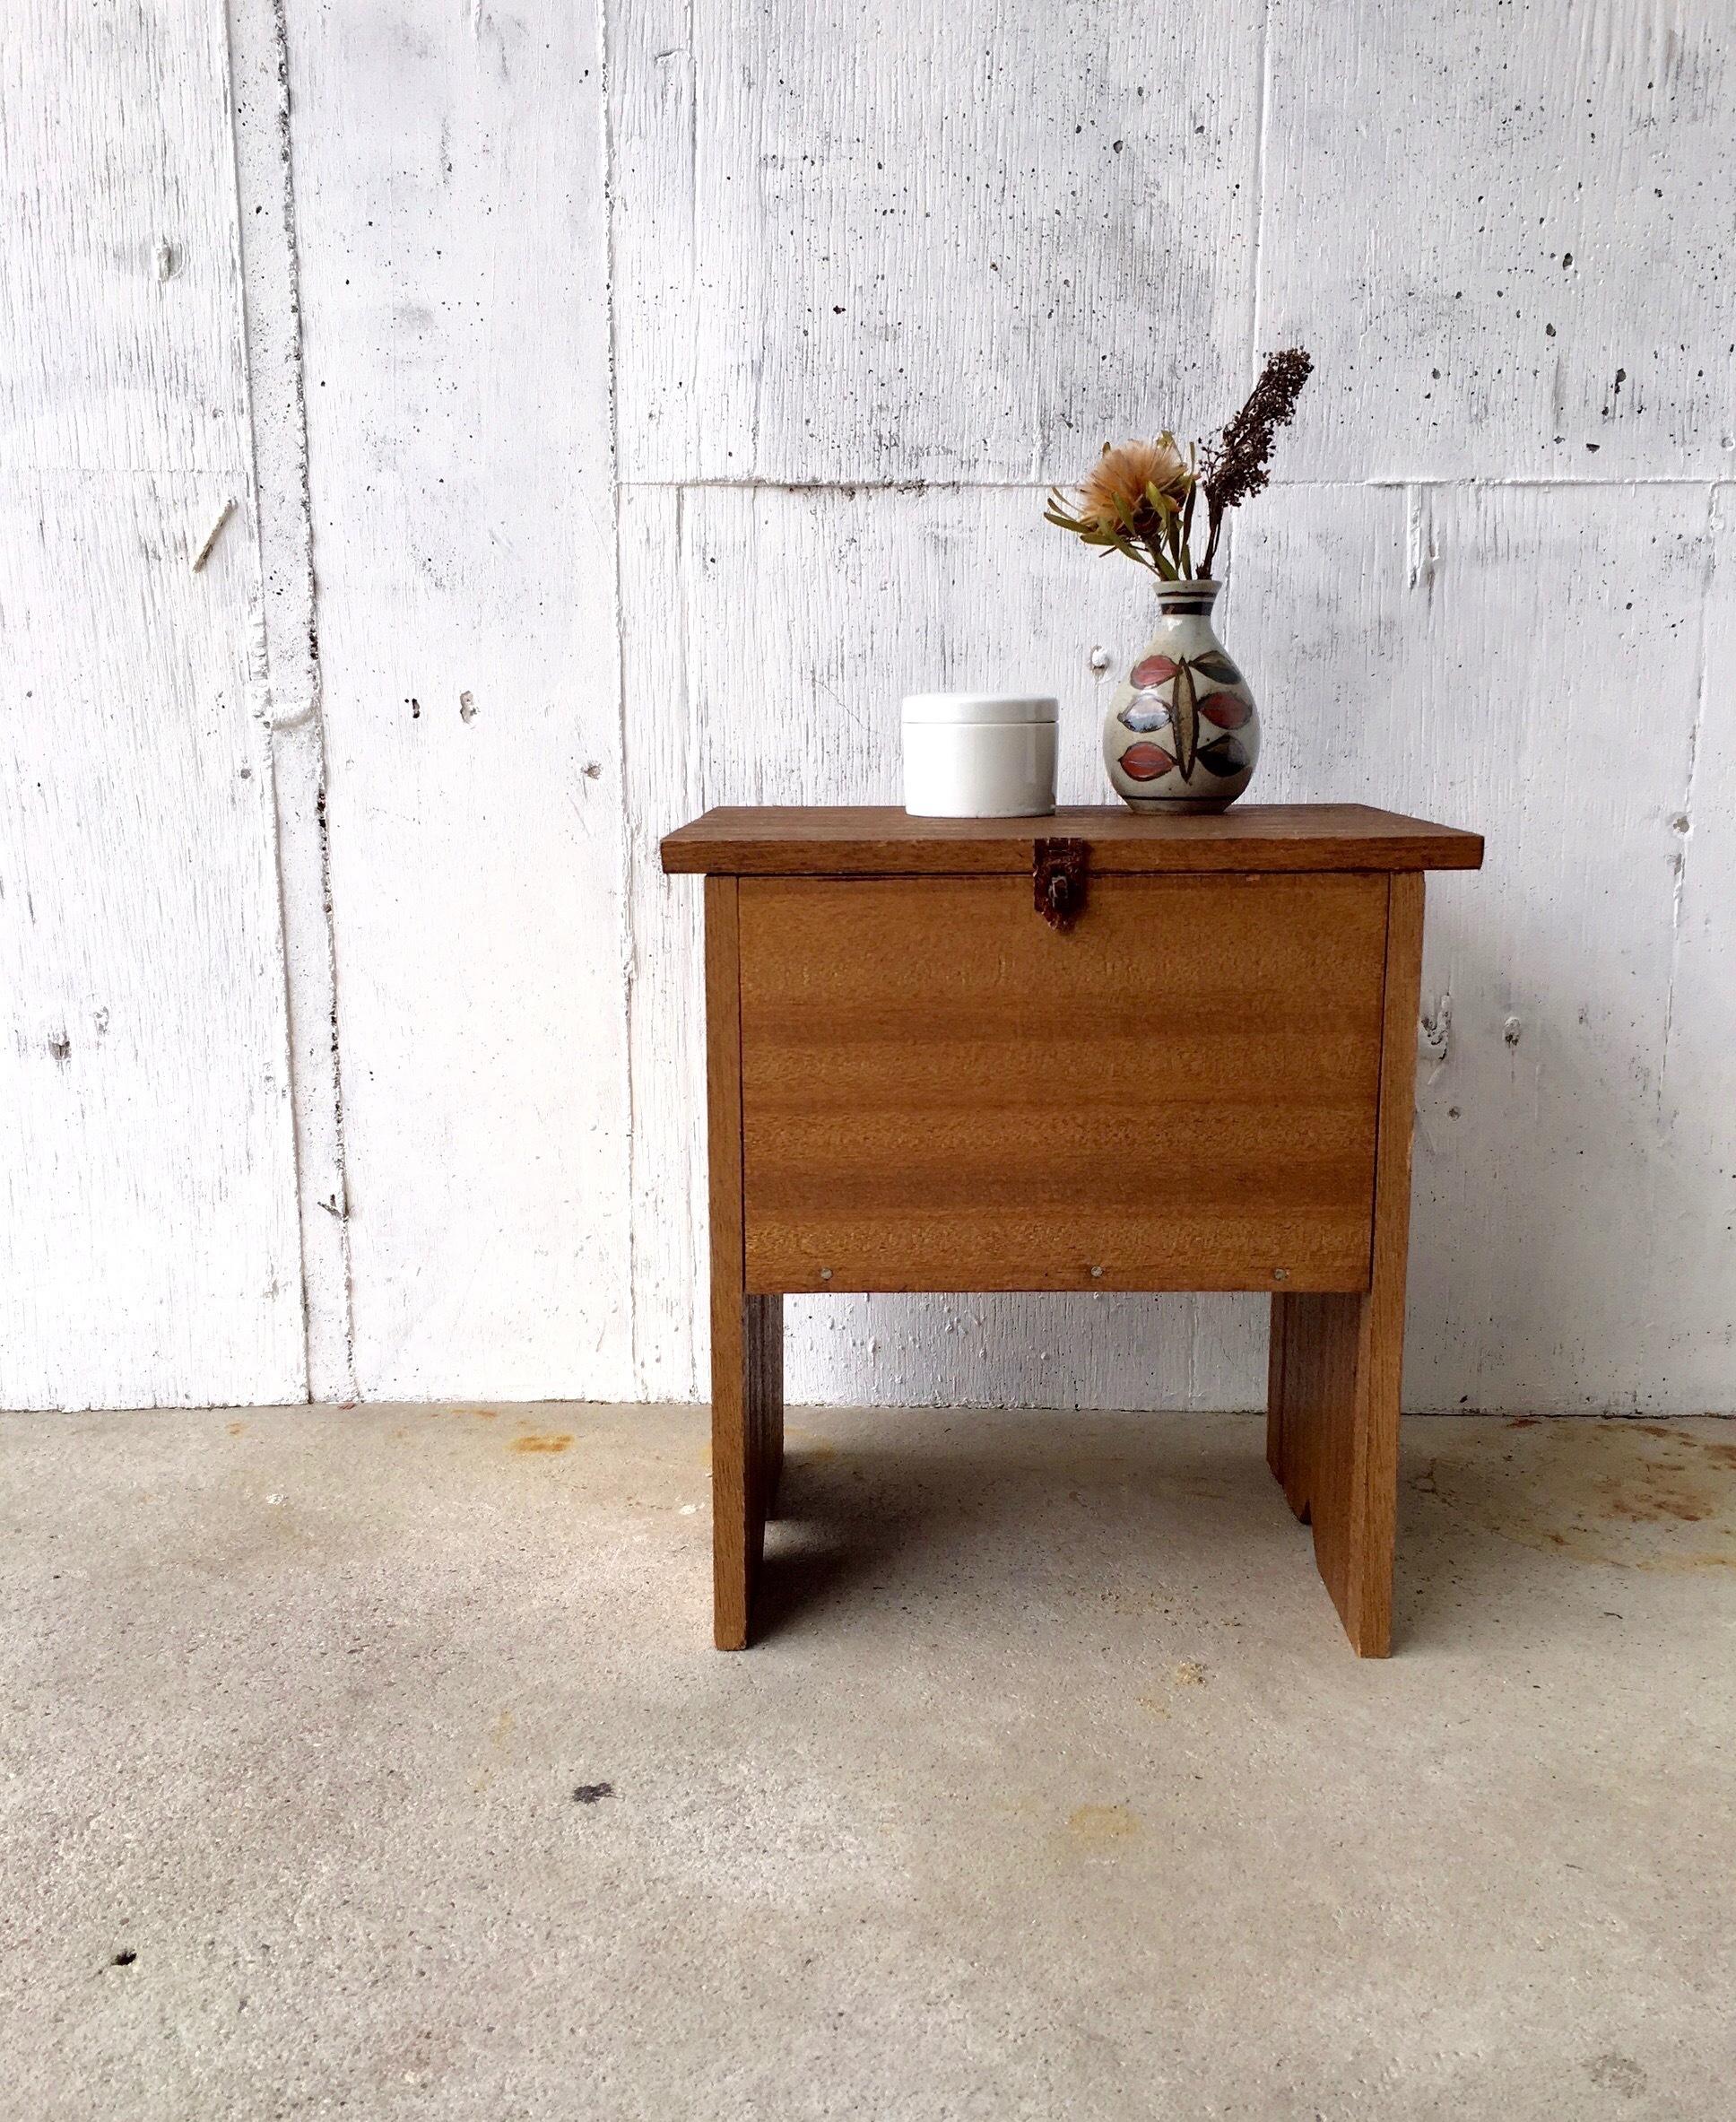 ナチュラル木味の飾り台[古家具]